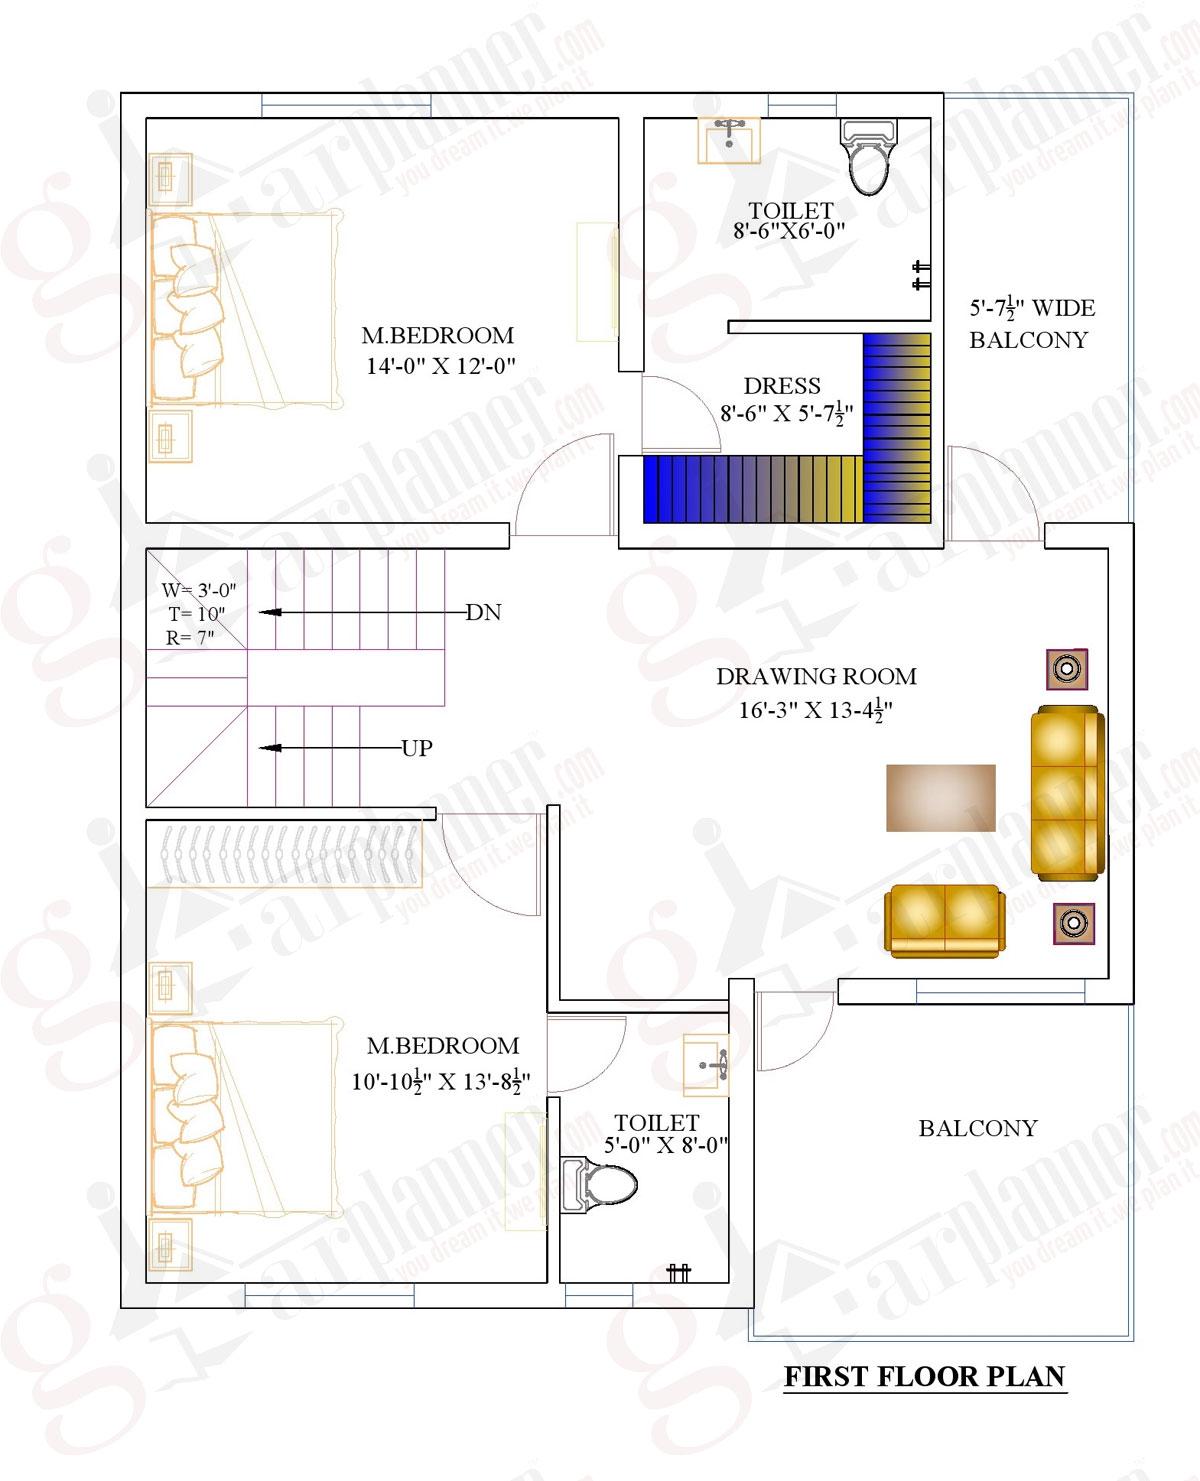 1000 Square Feet Floor Plans: 1000 Square Feet Home Plans